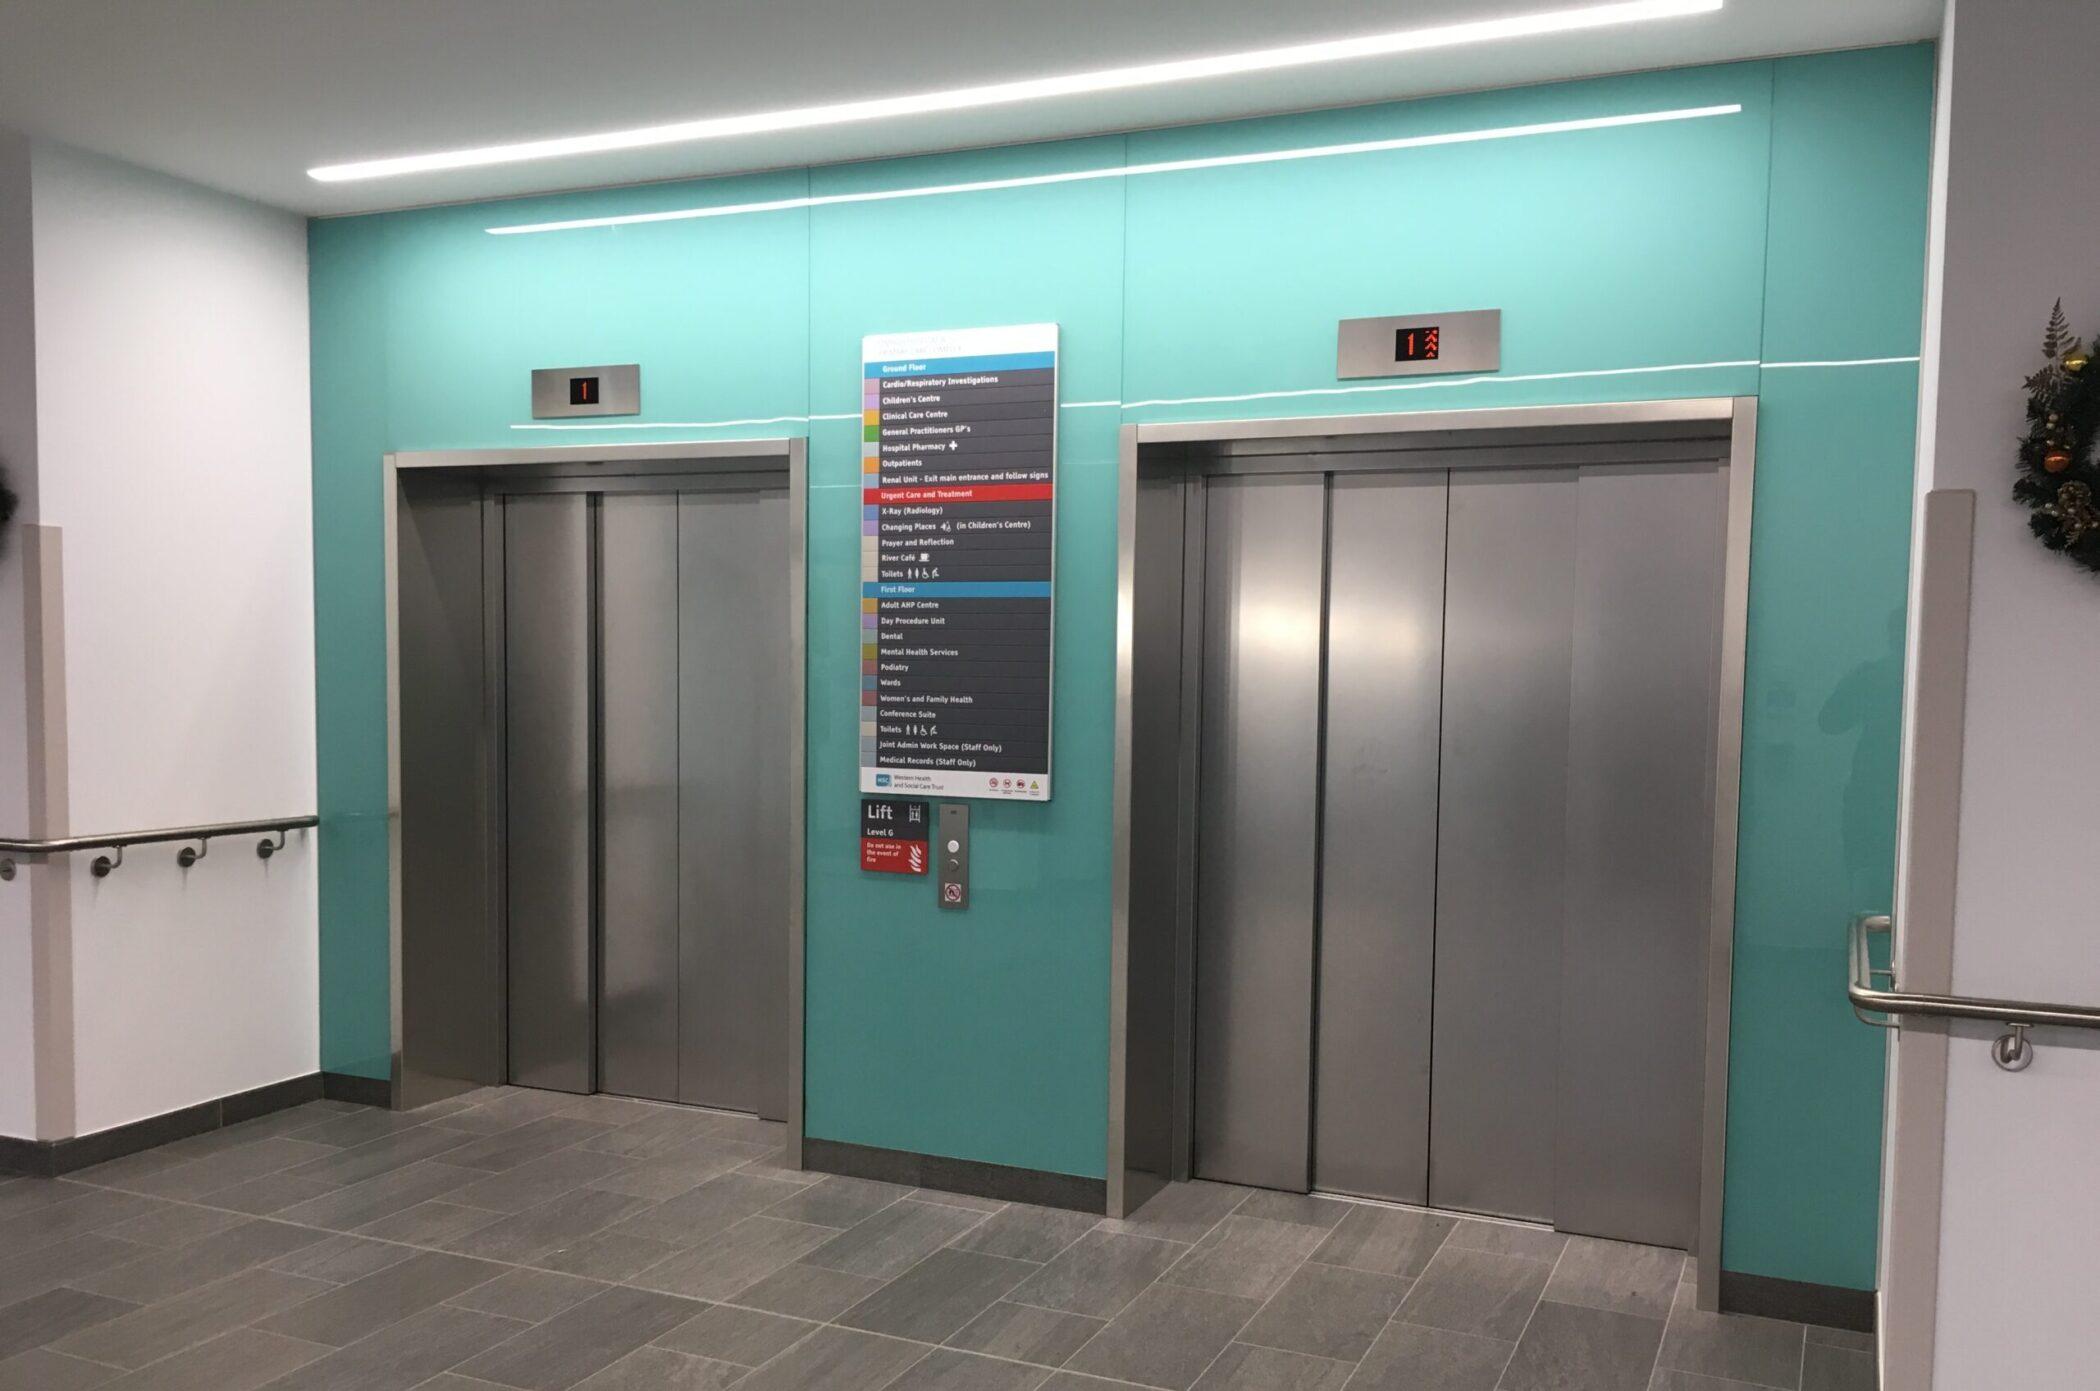 Lift Lobbies